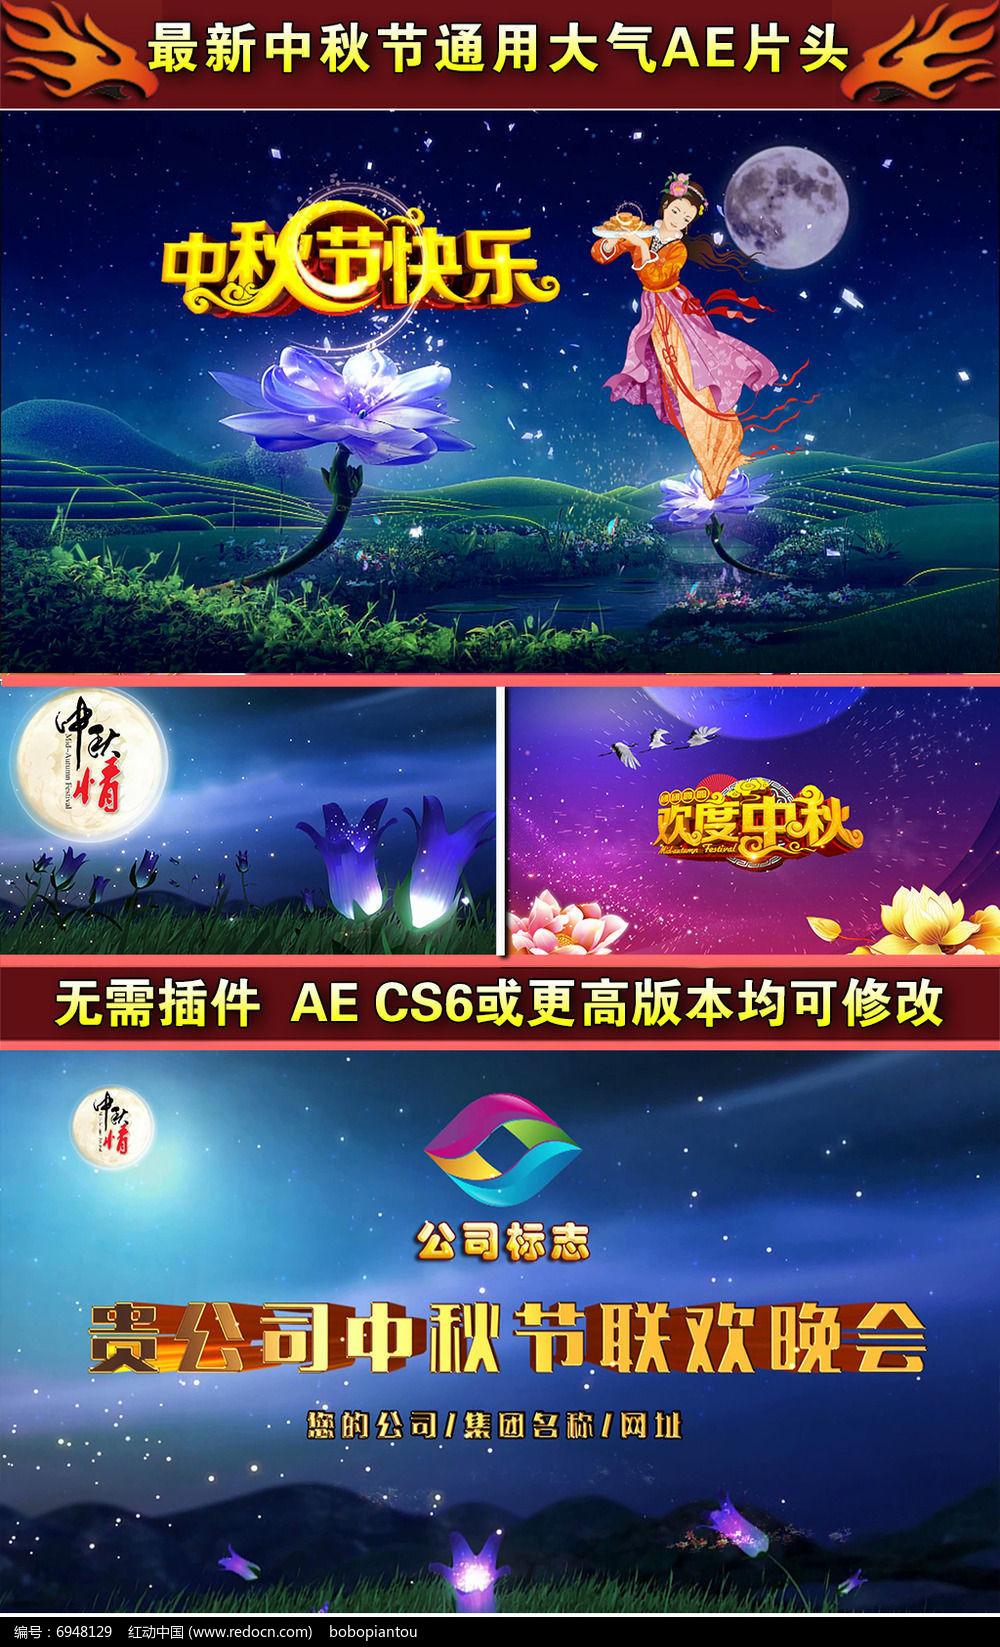 中秋节片头视频AE模板图片